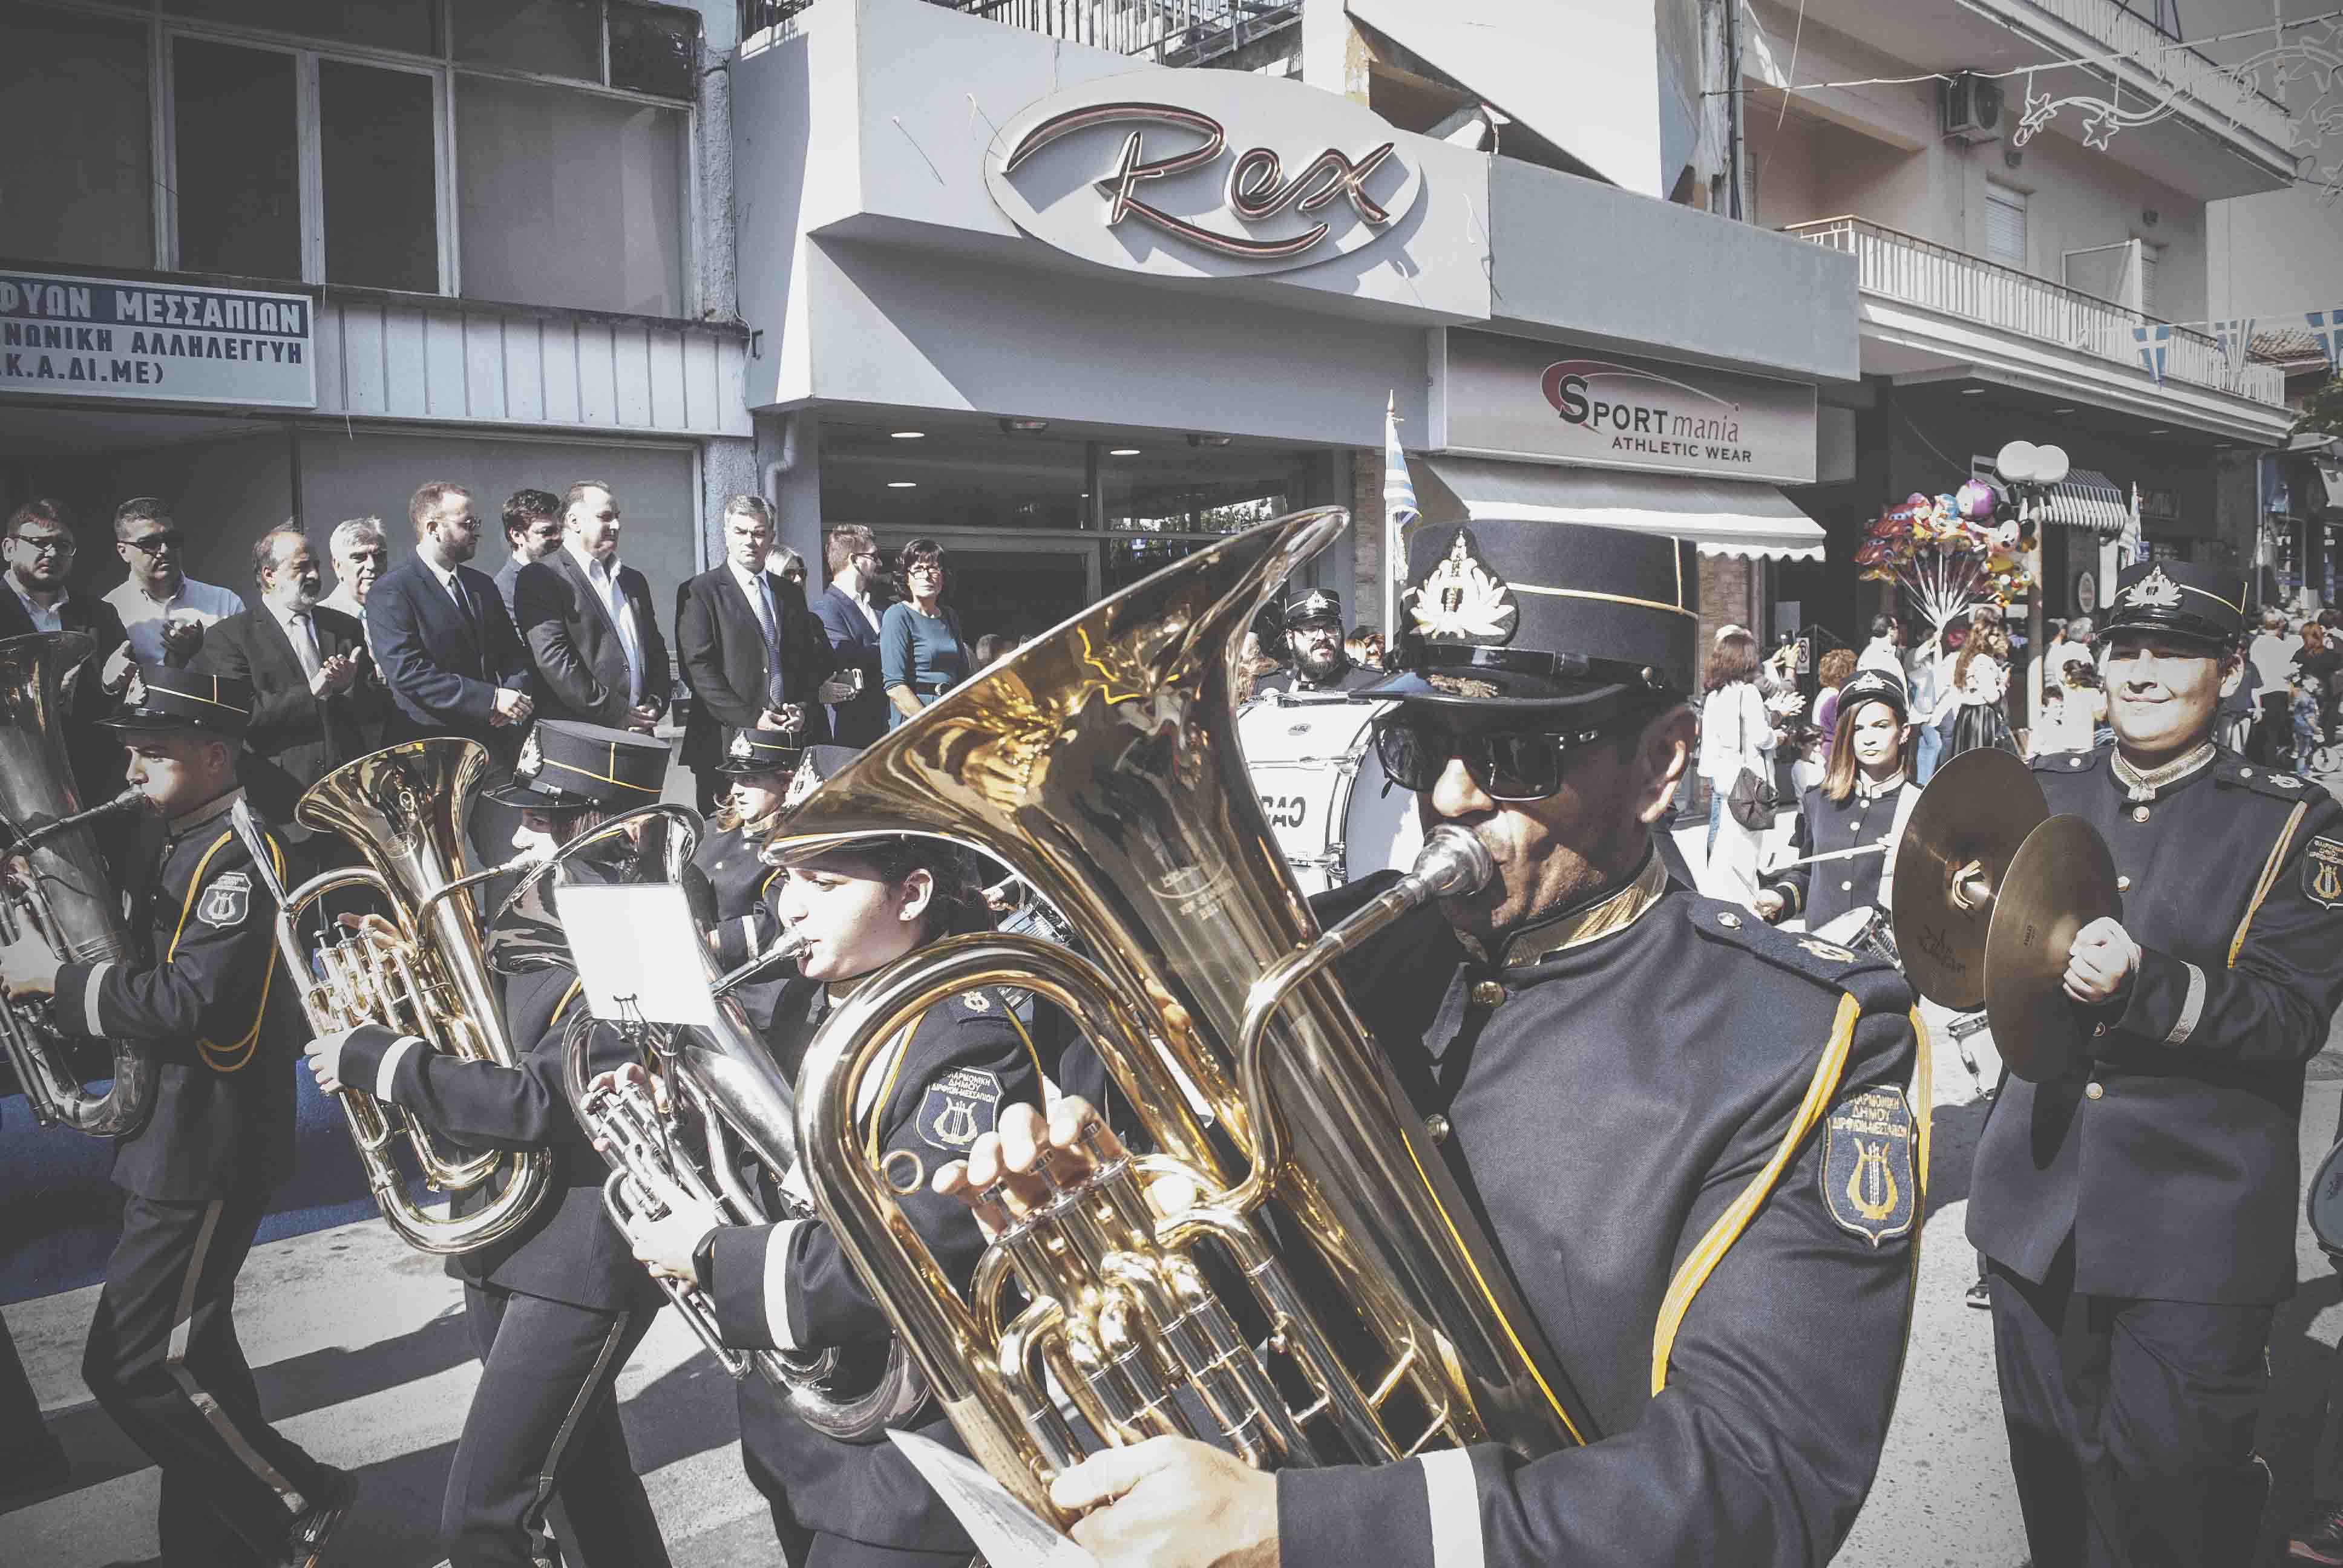 Φωτογραφικό υλικό από την παρέλαση στα Ψαχνά Φωτογραφικό υλικό από την παρέλαση στα Ψαχνά DSC 0314